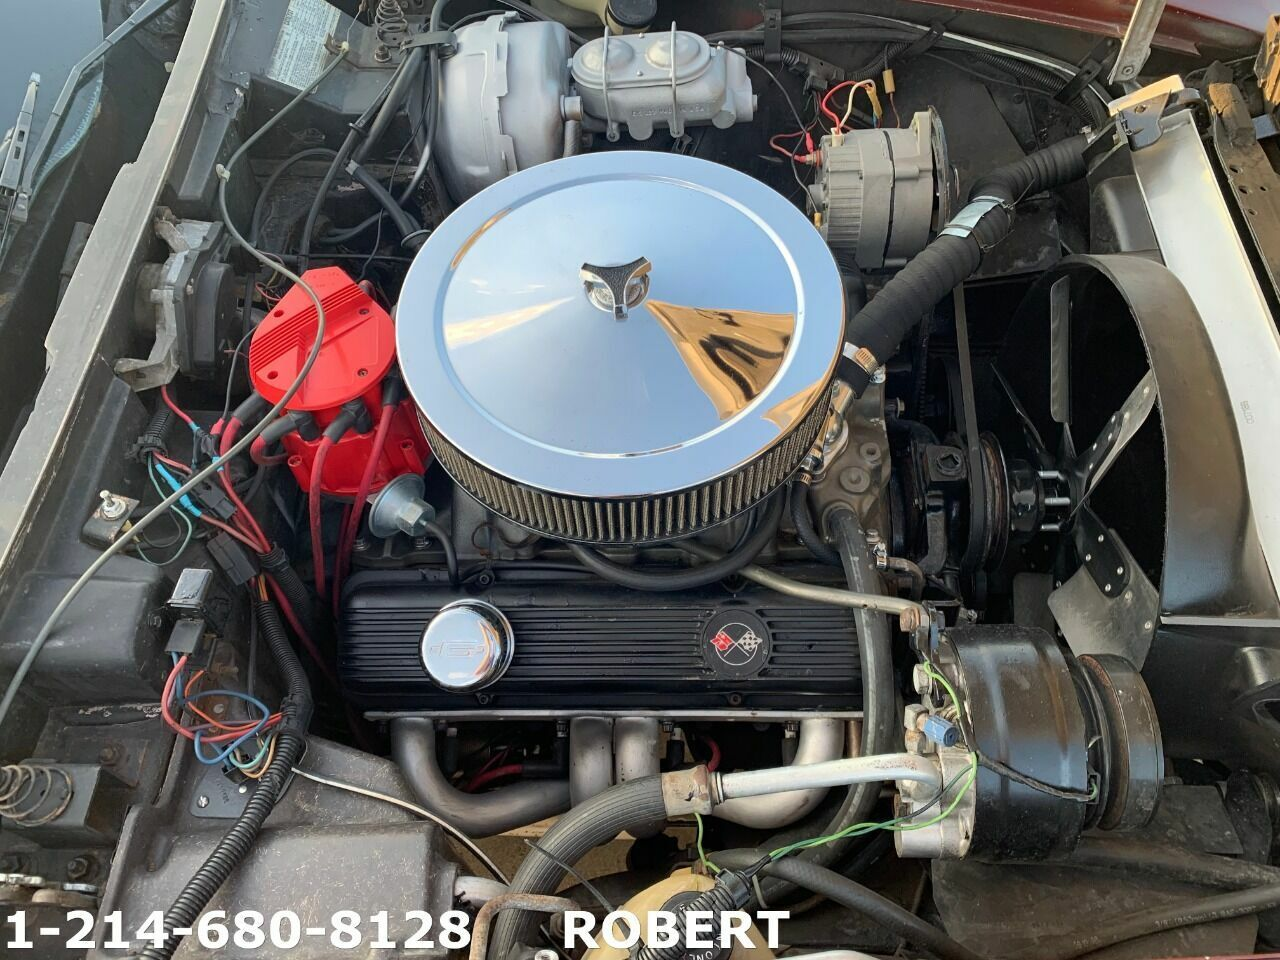 1978 Burgundy Chevrolet Corvette   | C3 Corvette Photo 8